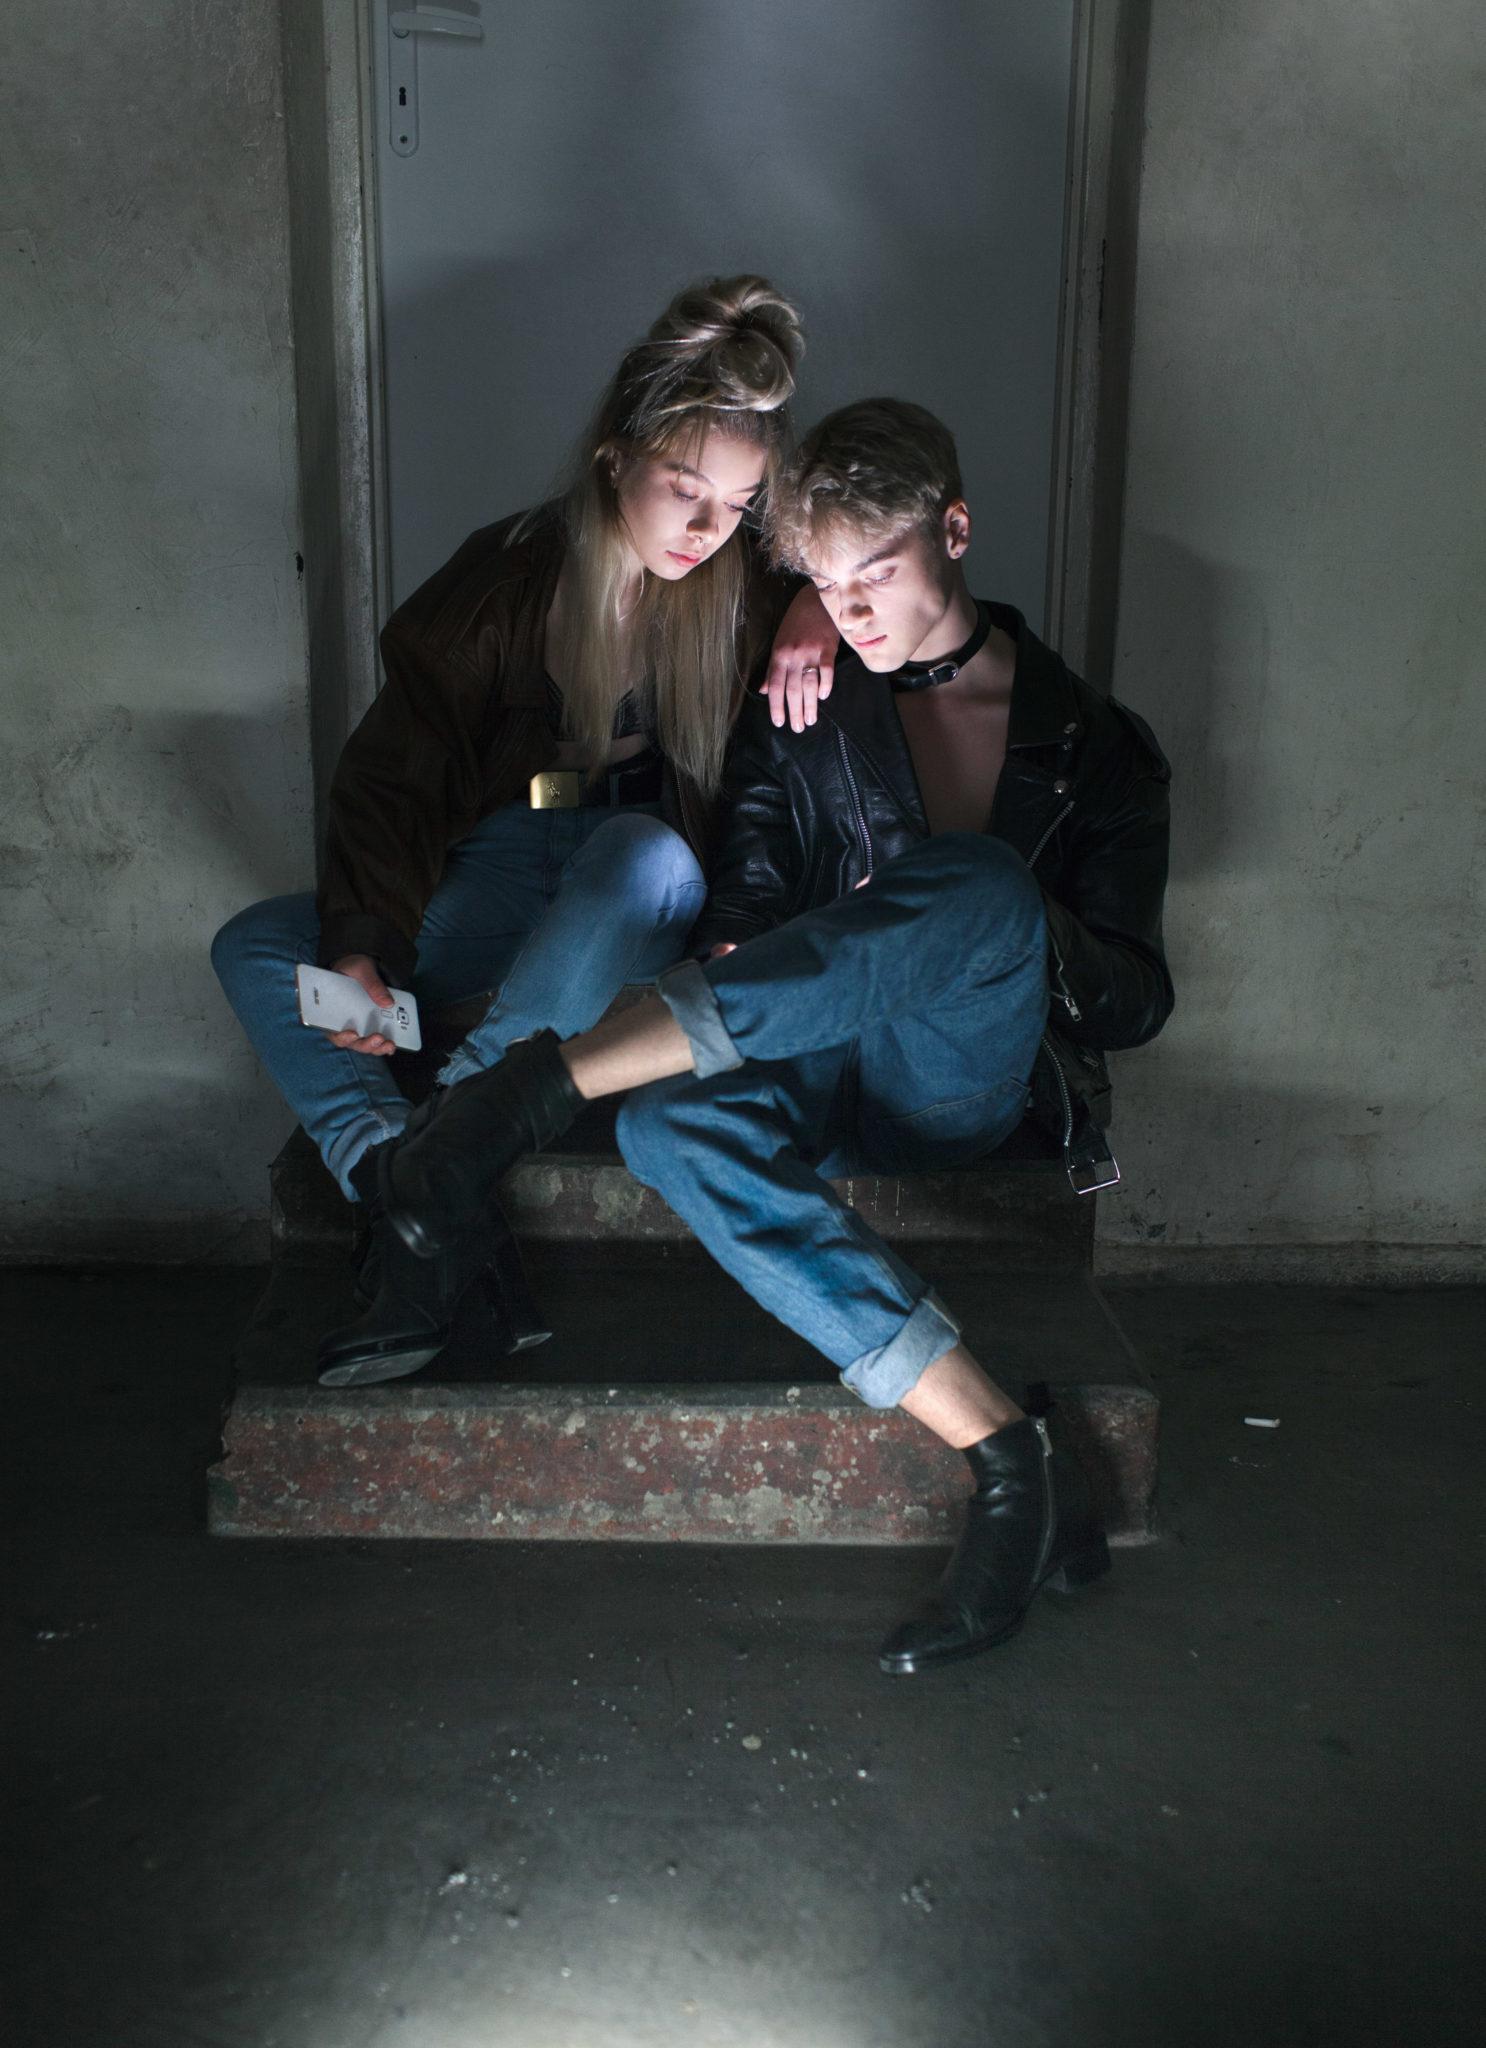 Dziewczyna z chłopakiem siedzą na schodkach